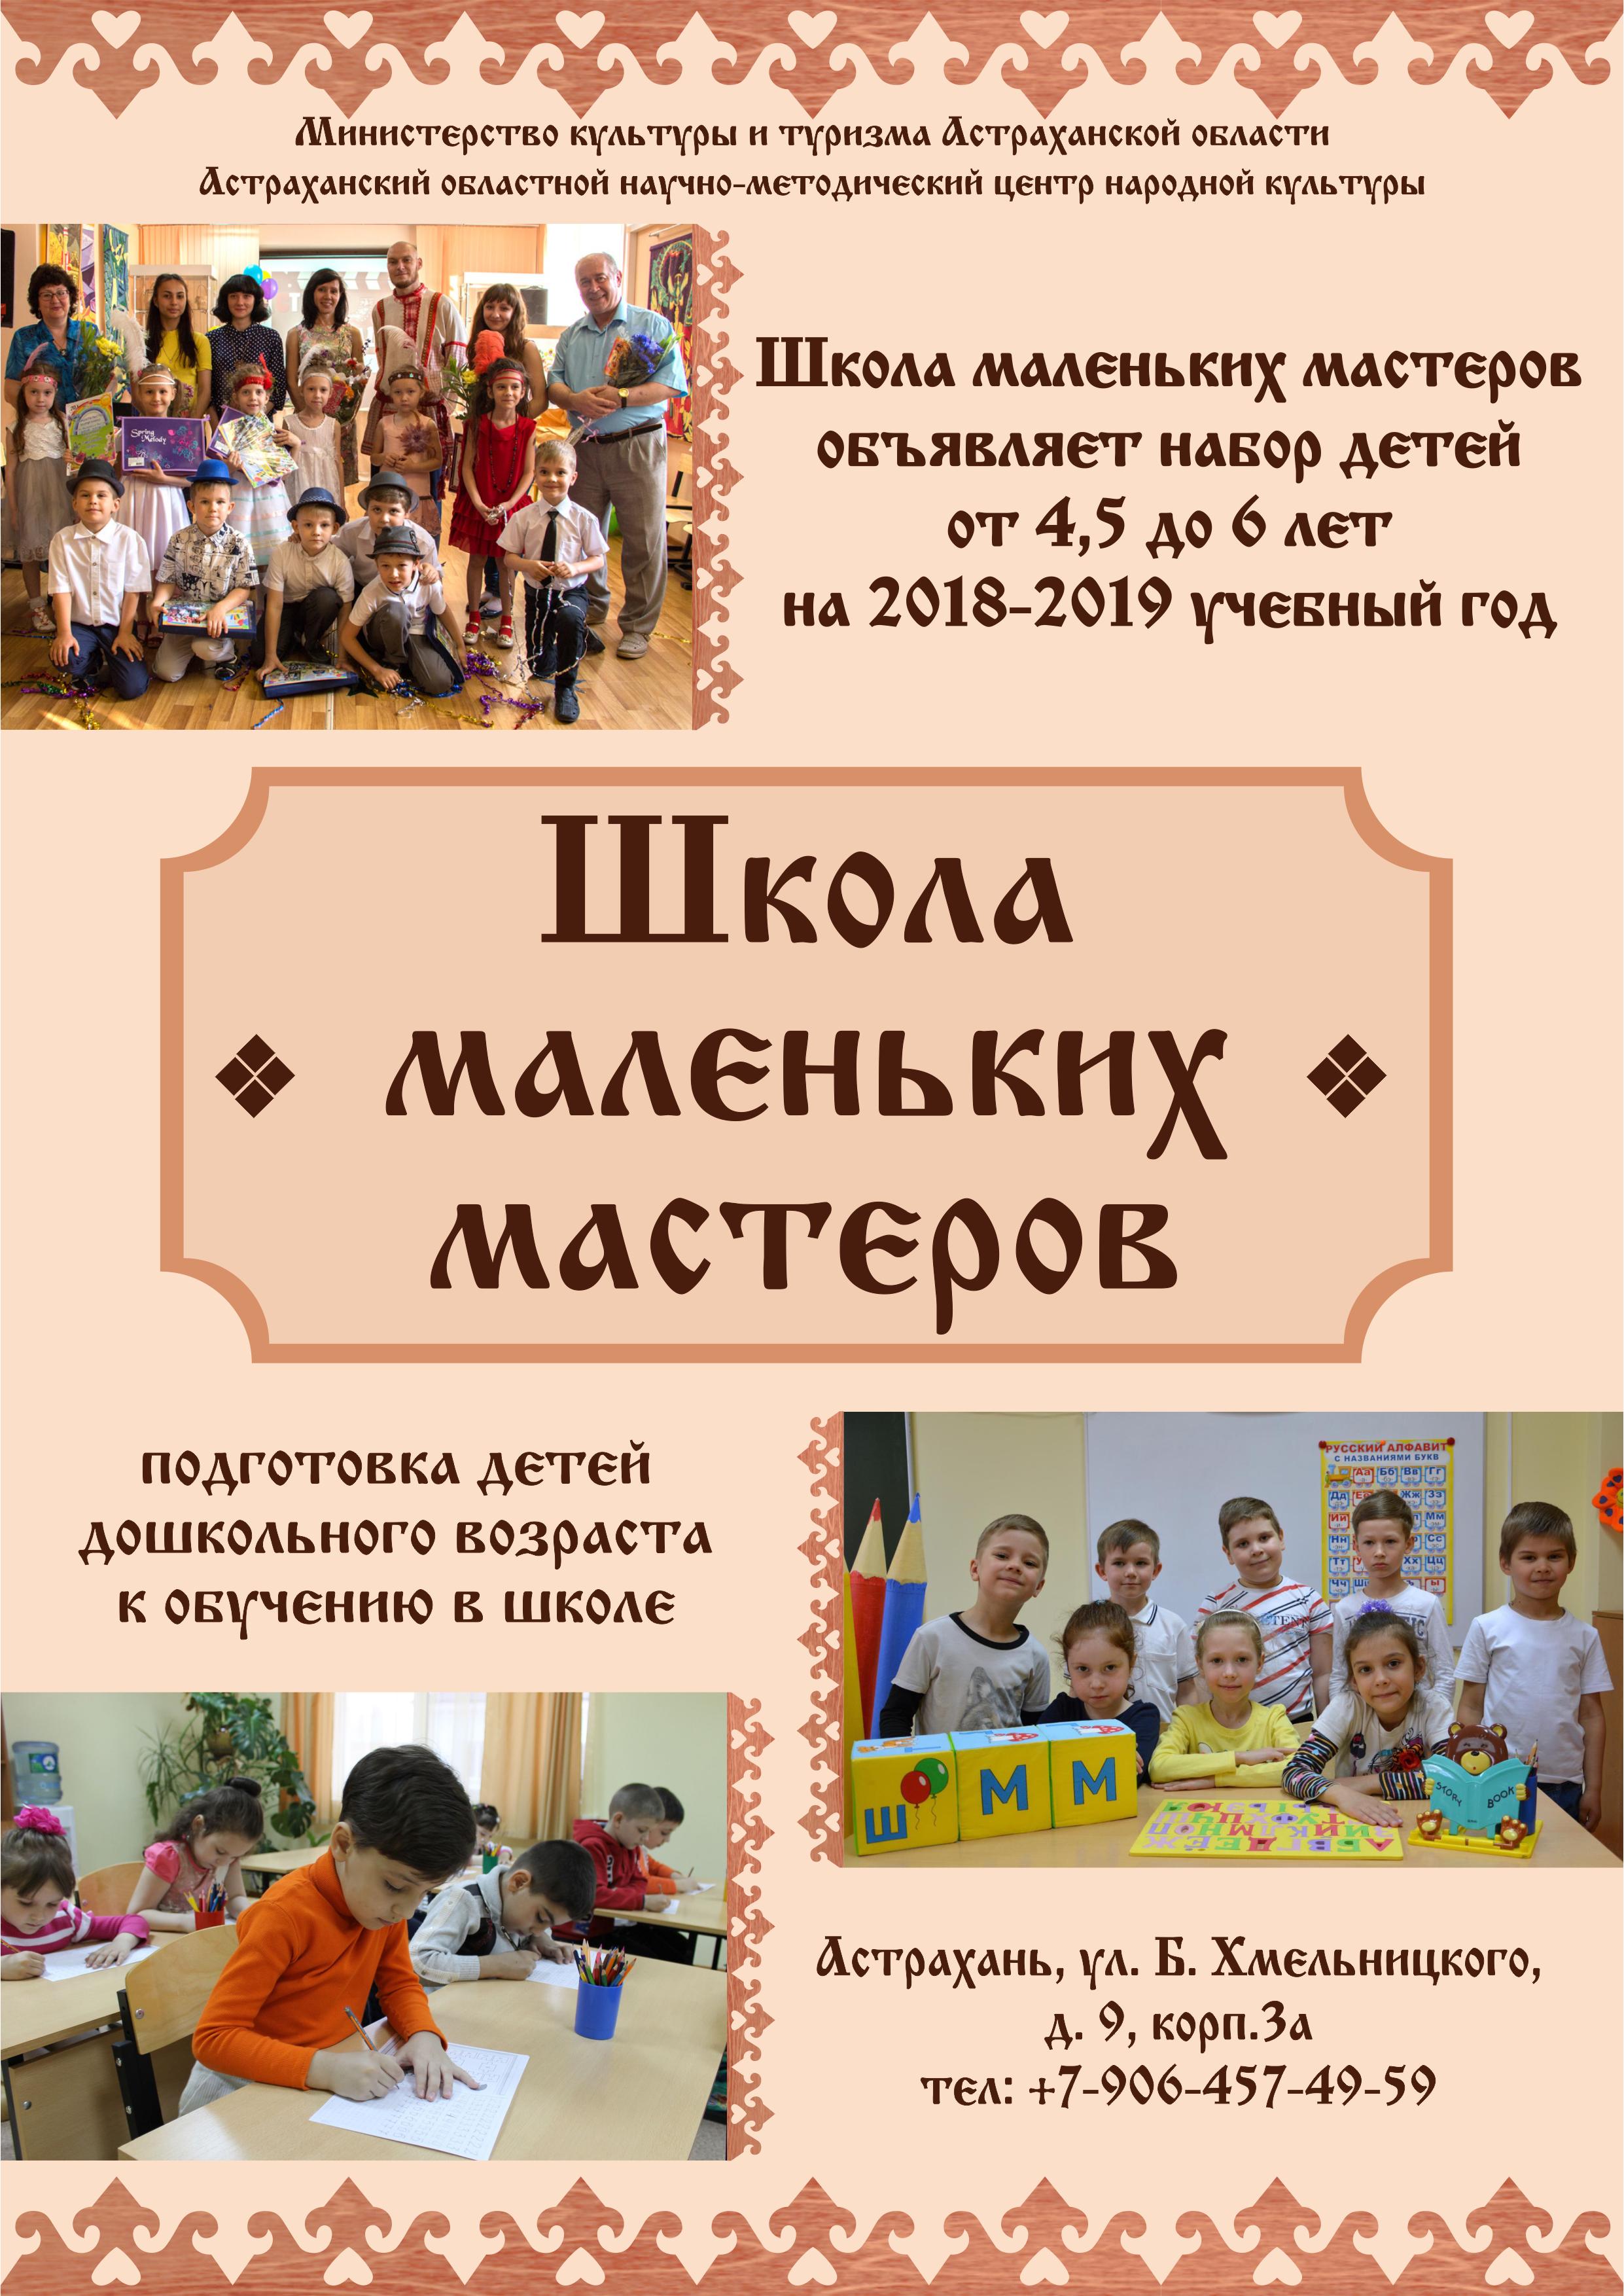 Школа Маленьких Мастеров  объявляет набор детей на 2018-2019 учебный год